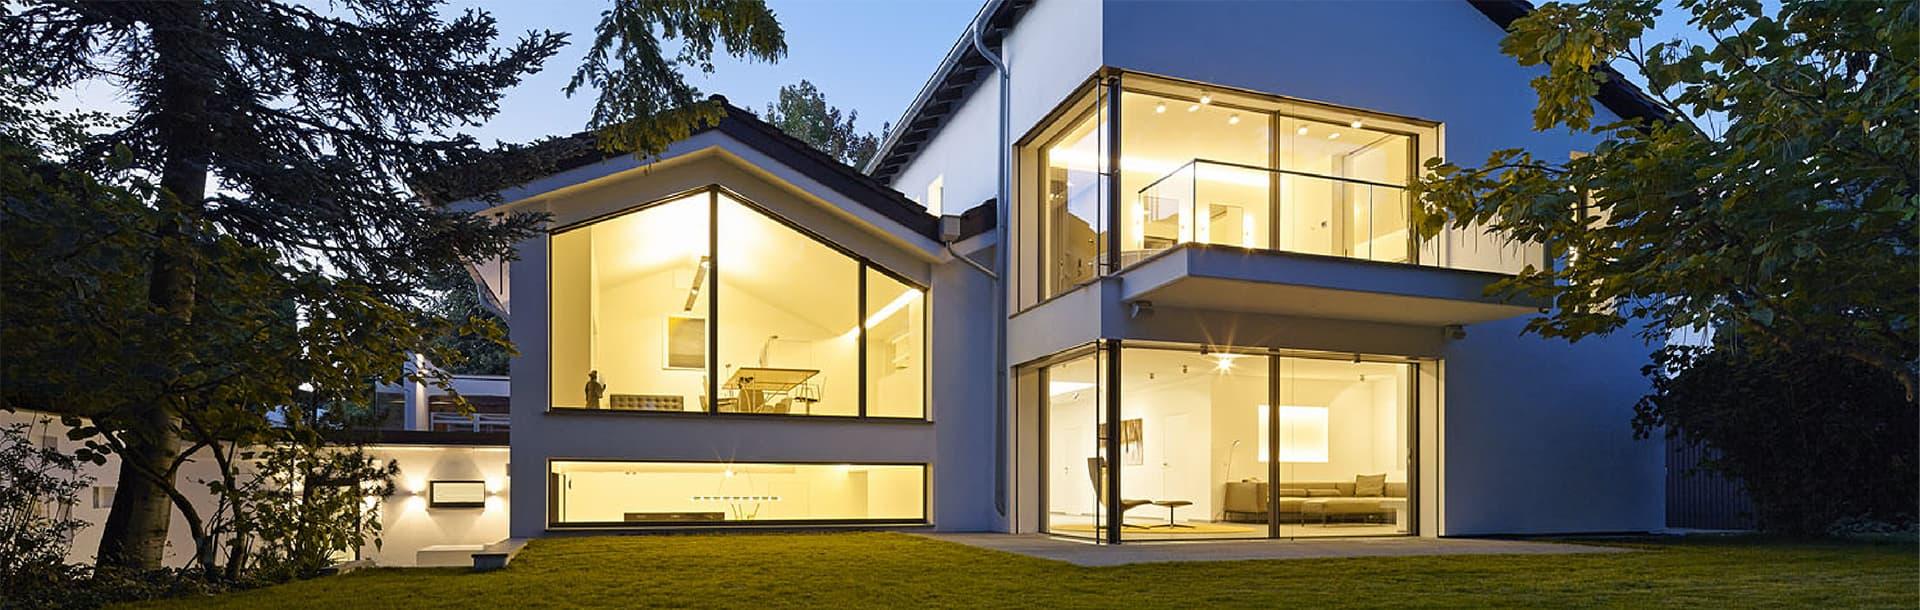 Praxisleitfaden Architekturfotografie